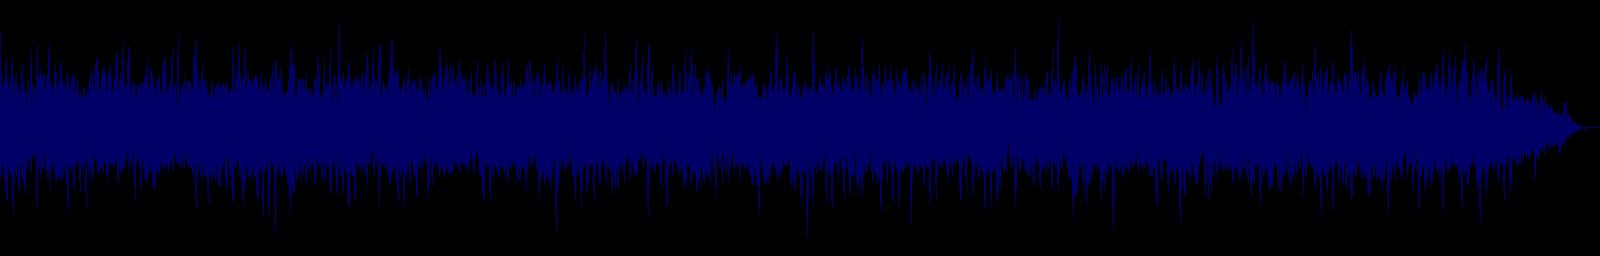 waveform of track #129484